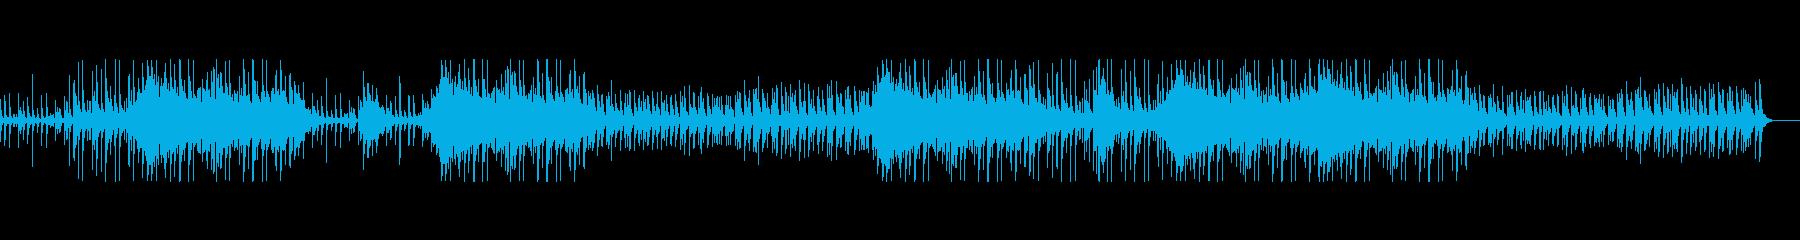 三味線のロックっぽい和風の曲 祭などの再生済みの波形